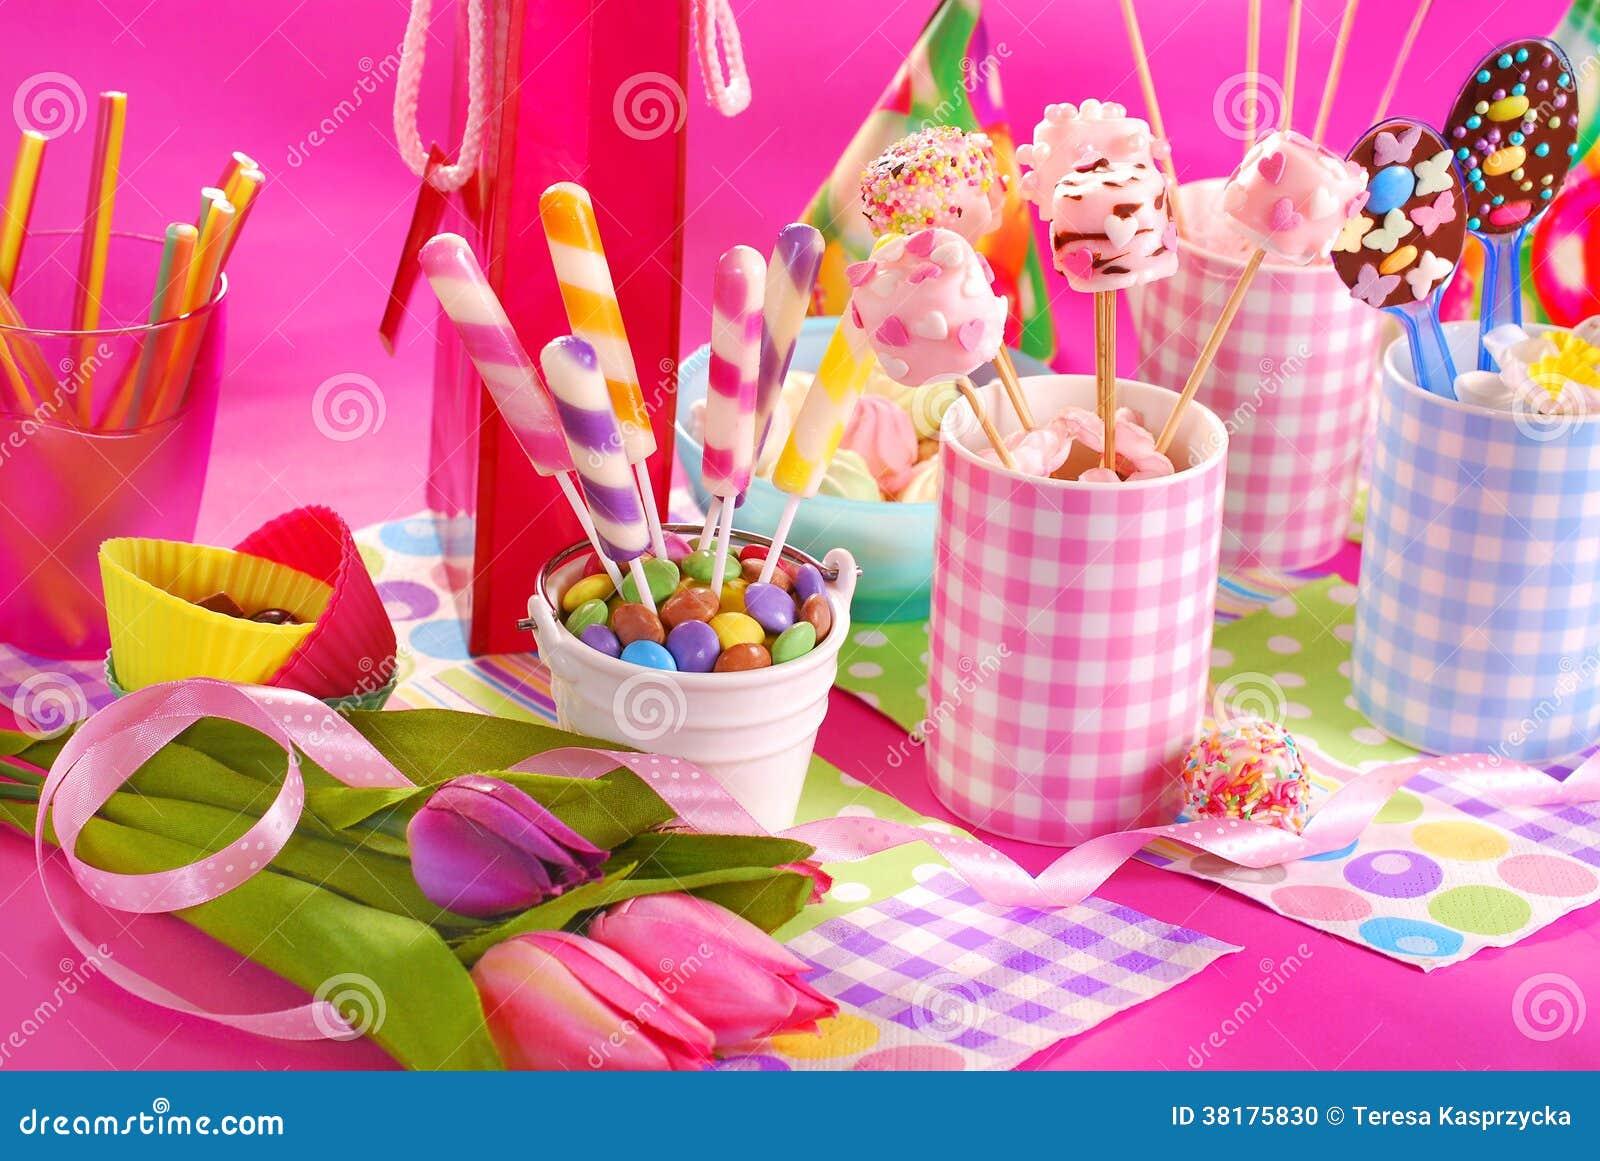 Popolare Tavola Della Festa Di Compleanno Con I Fiori Ed I Dolci Per I  JS46